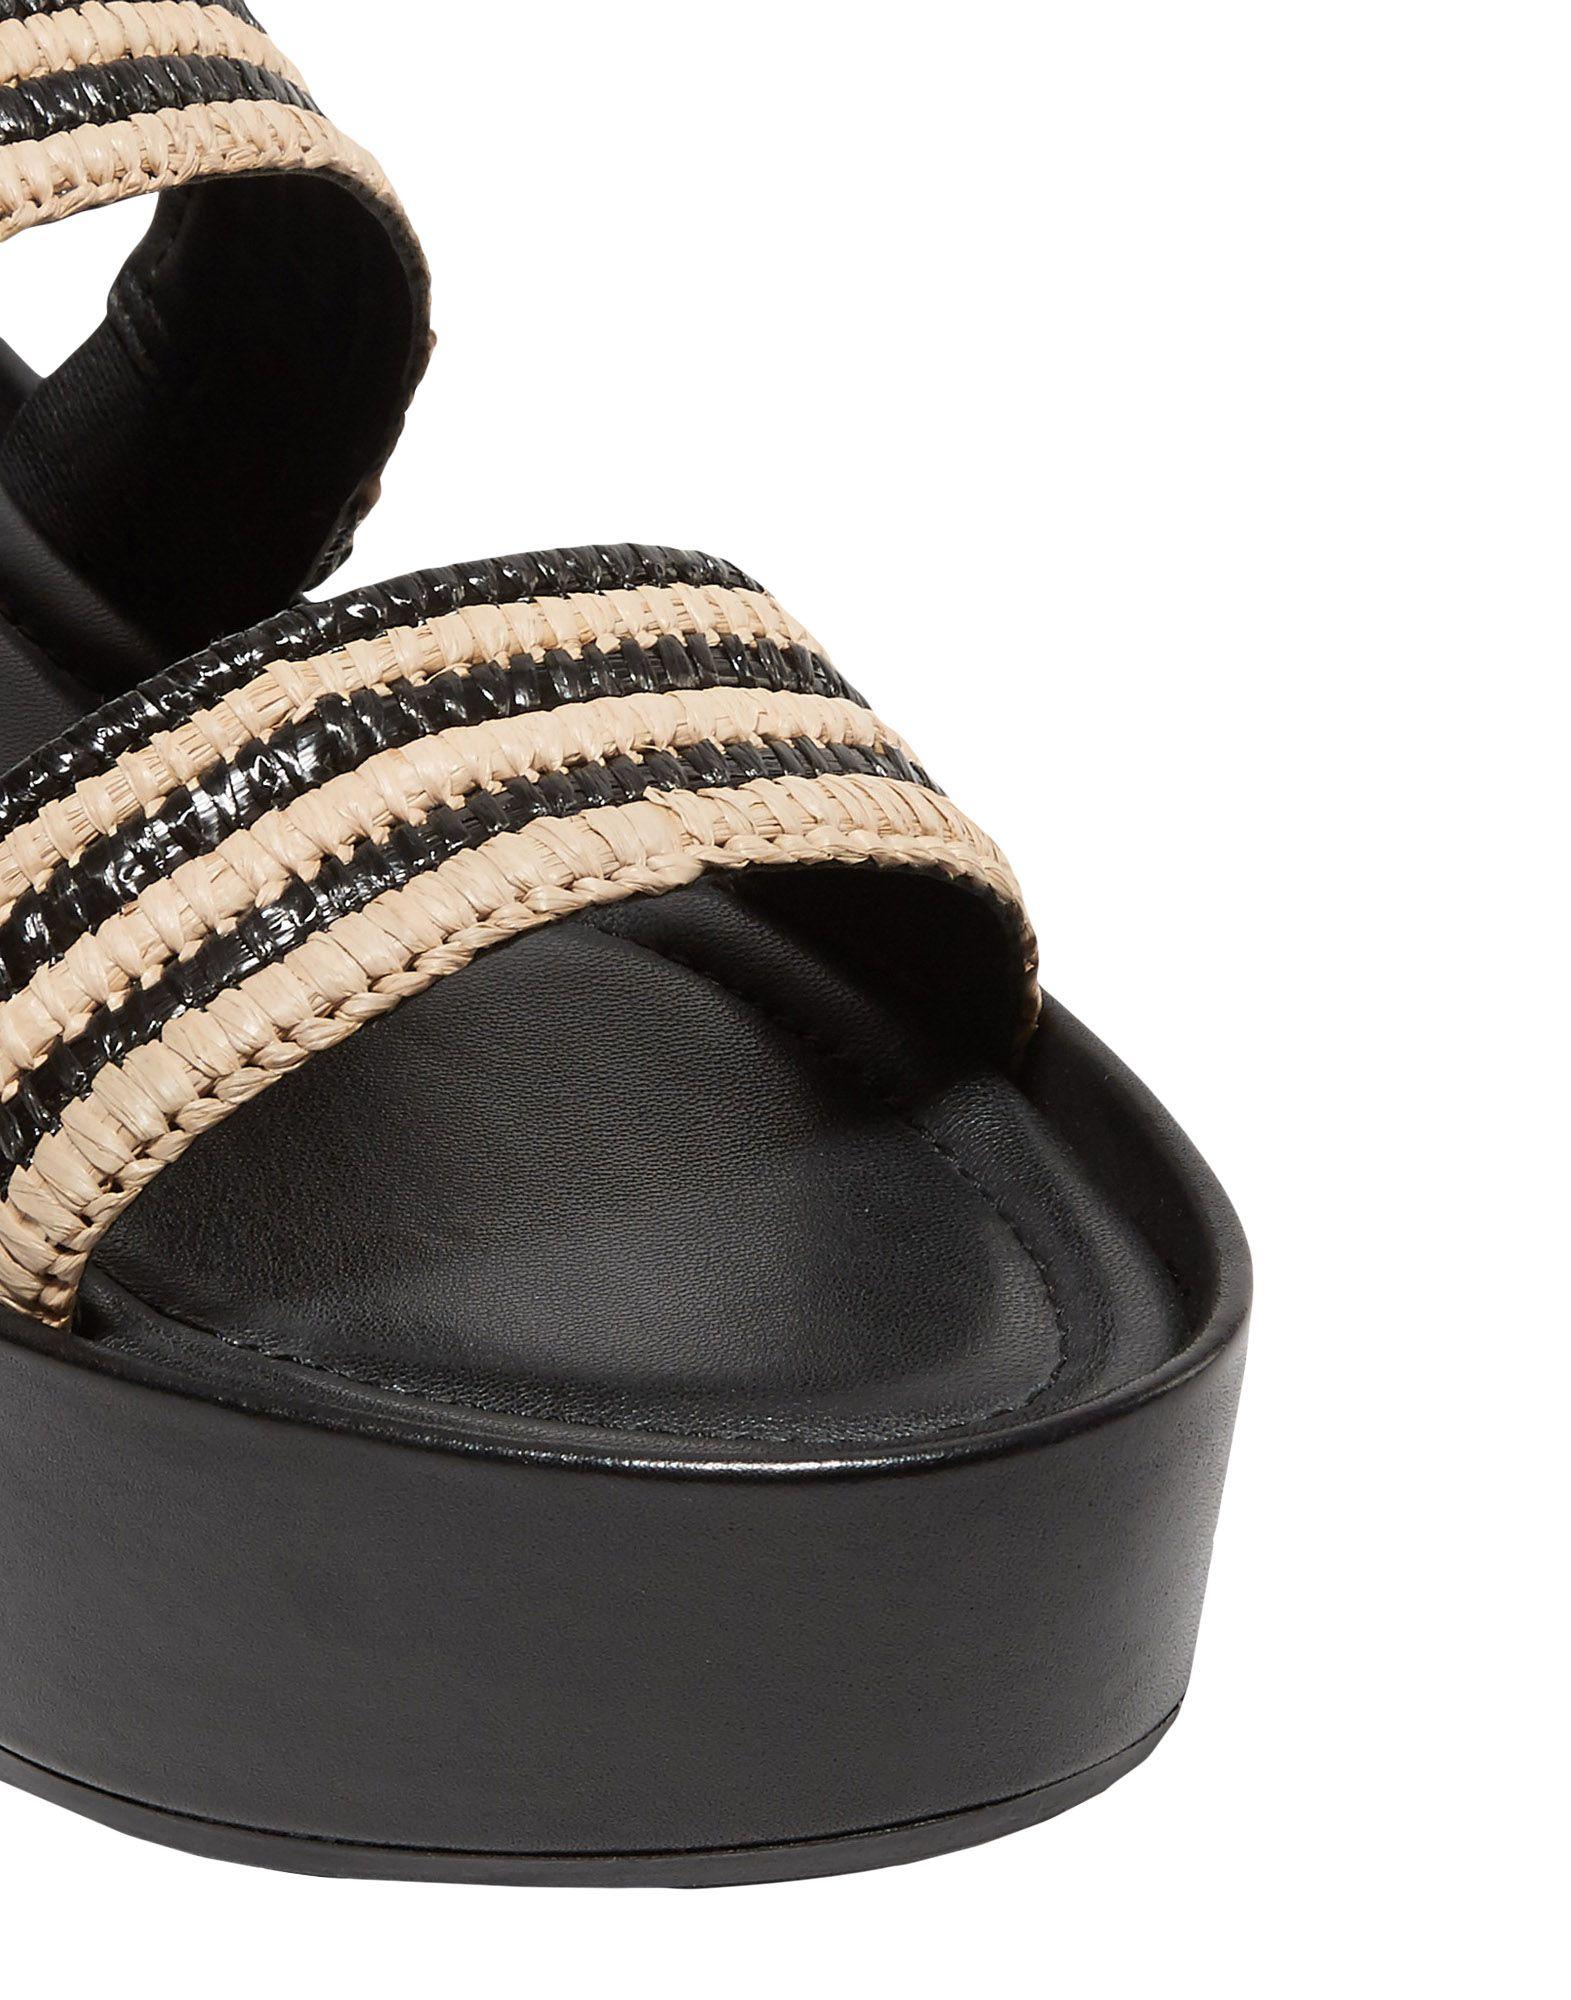 Stilvolle billige Schuhe Loeffler 11530658DT Randall Sandalen Damen  11530658DT Loeffler 8006f0